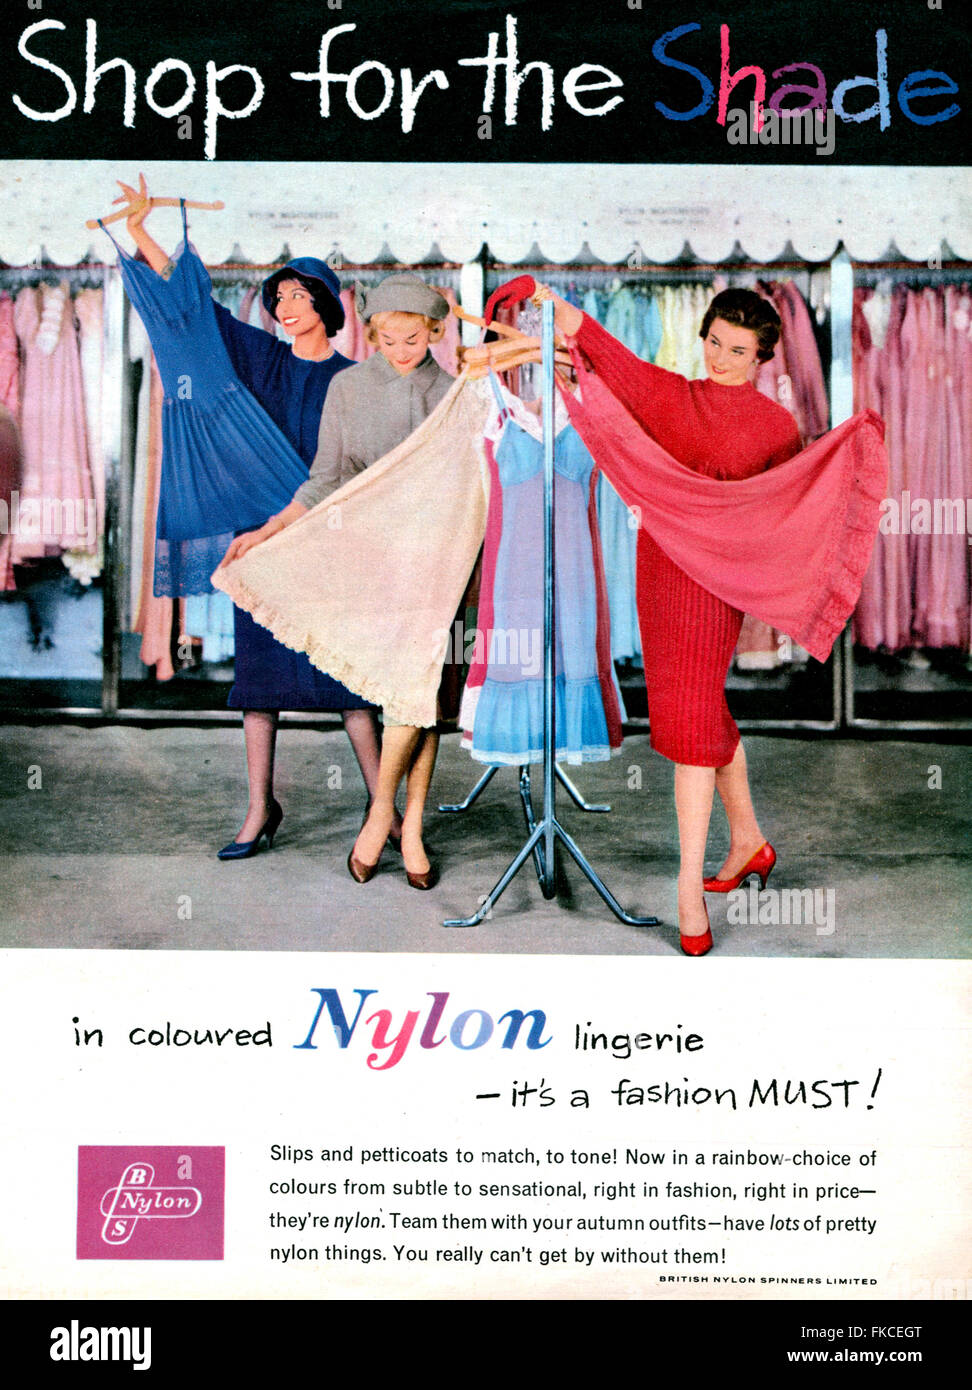 1950s UK British Nylon Spinners Magazine Advert - Stock Image